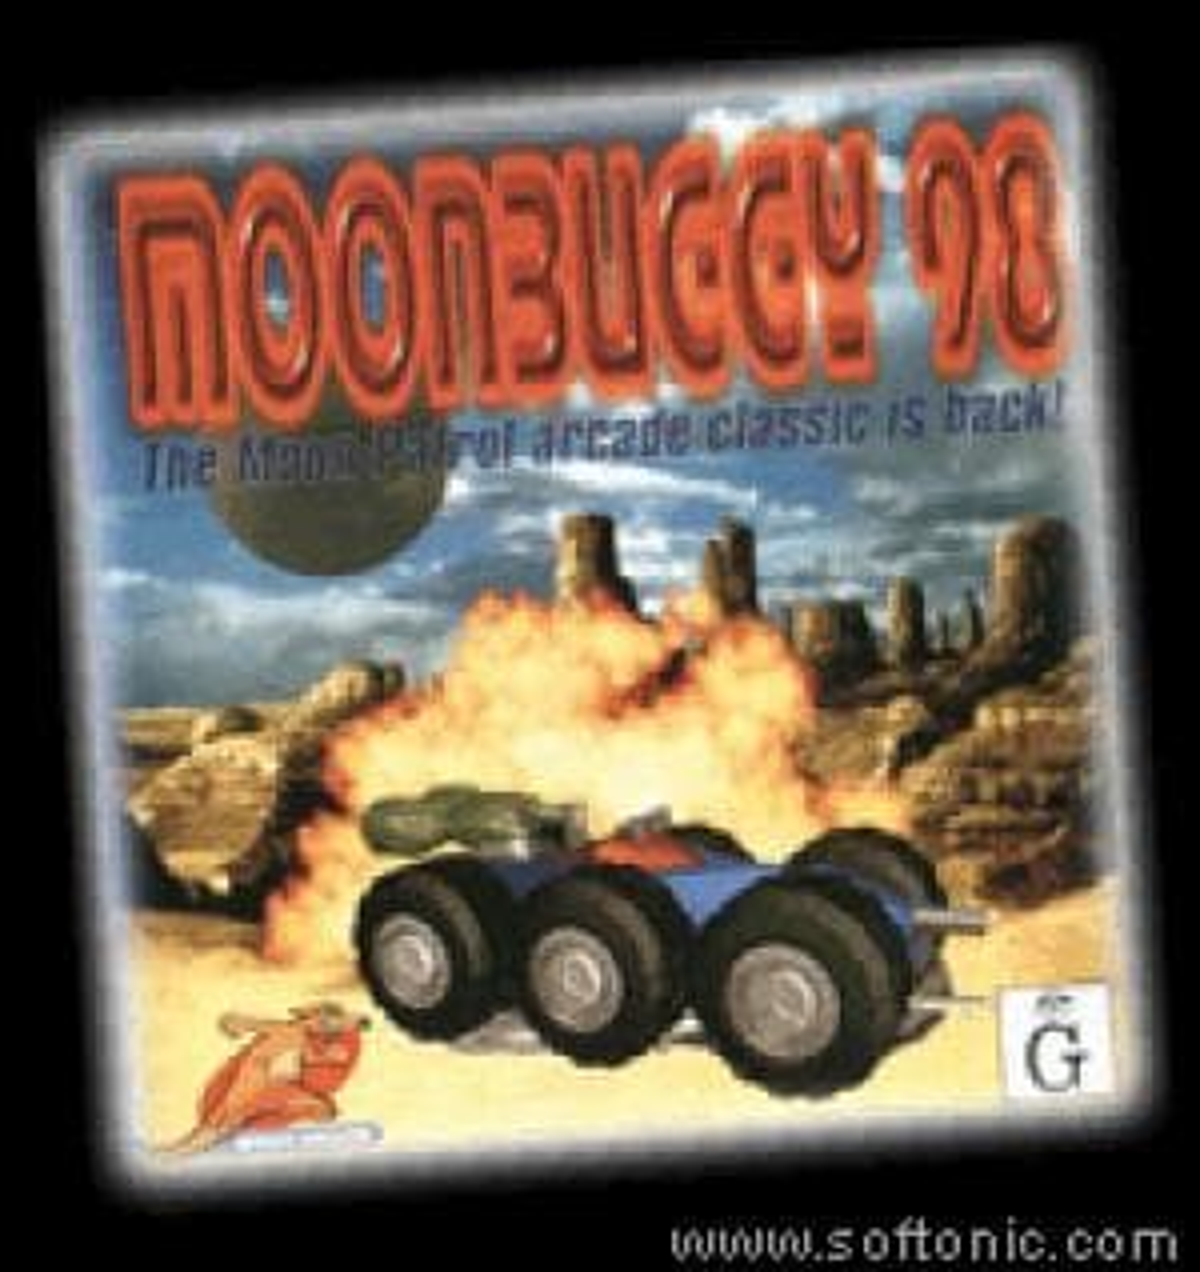 Moon Buggy 98